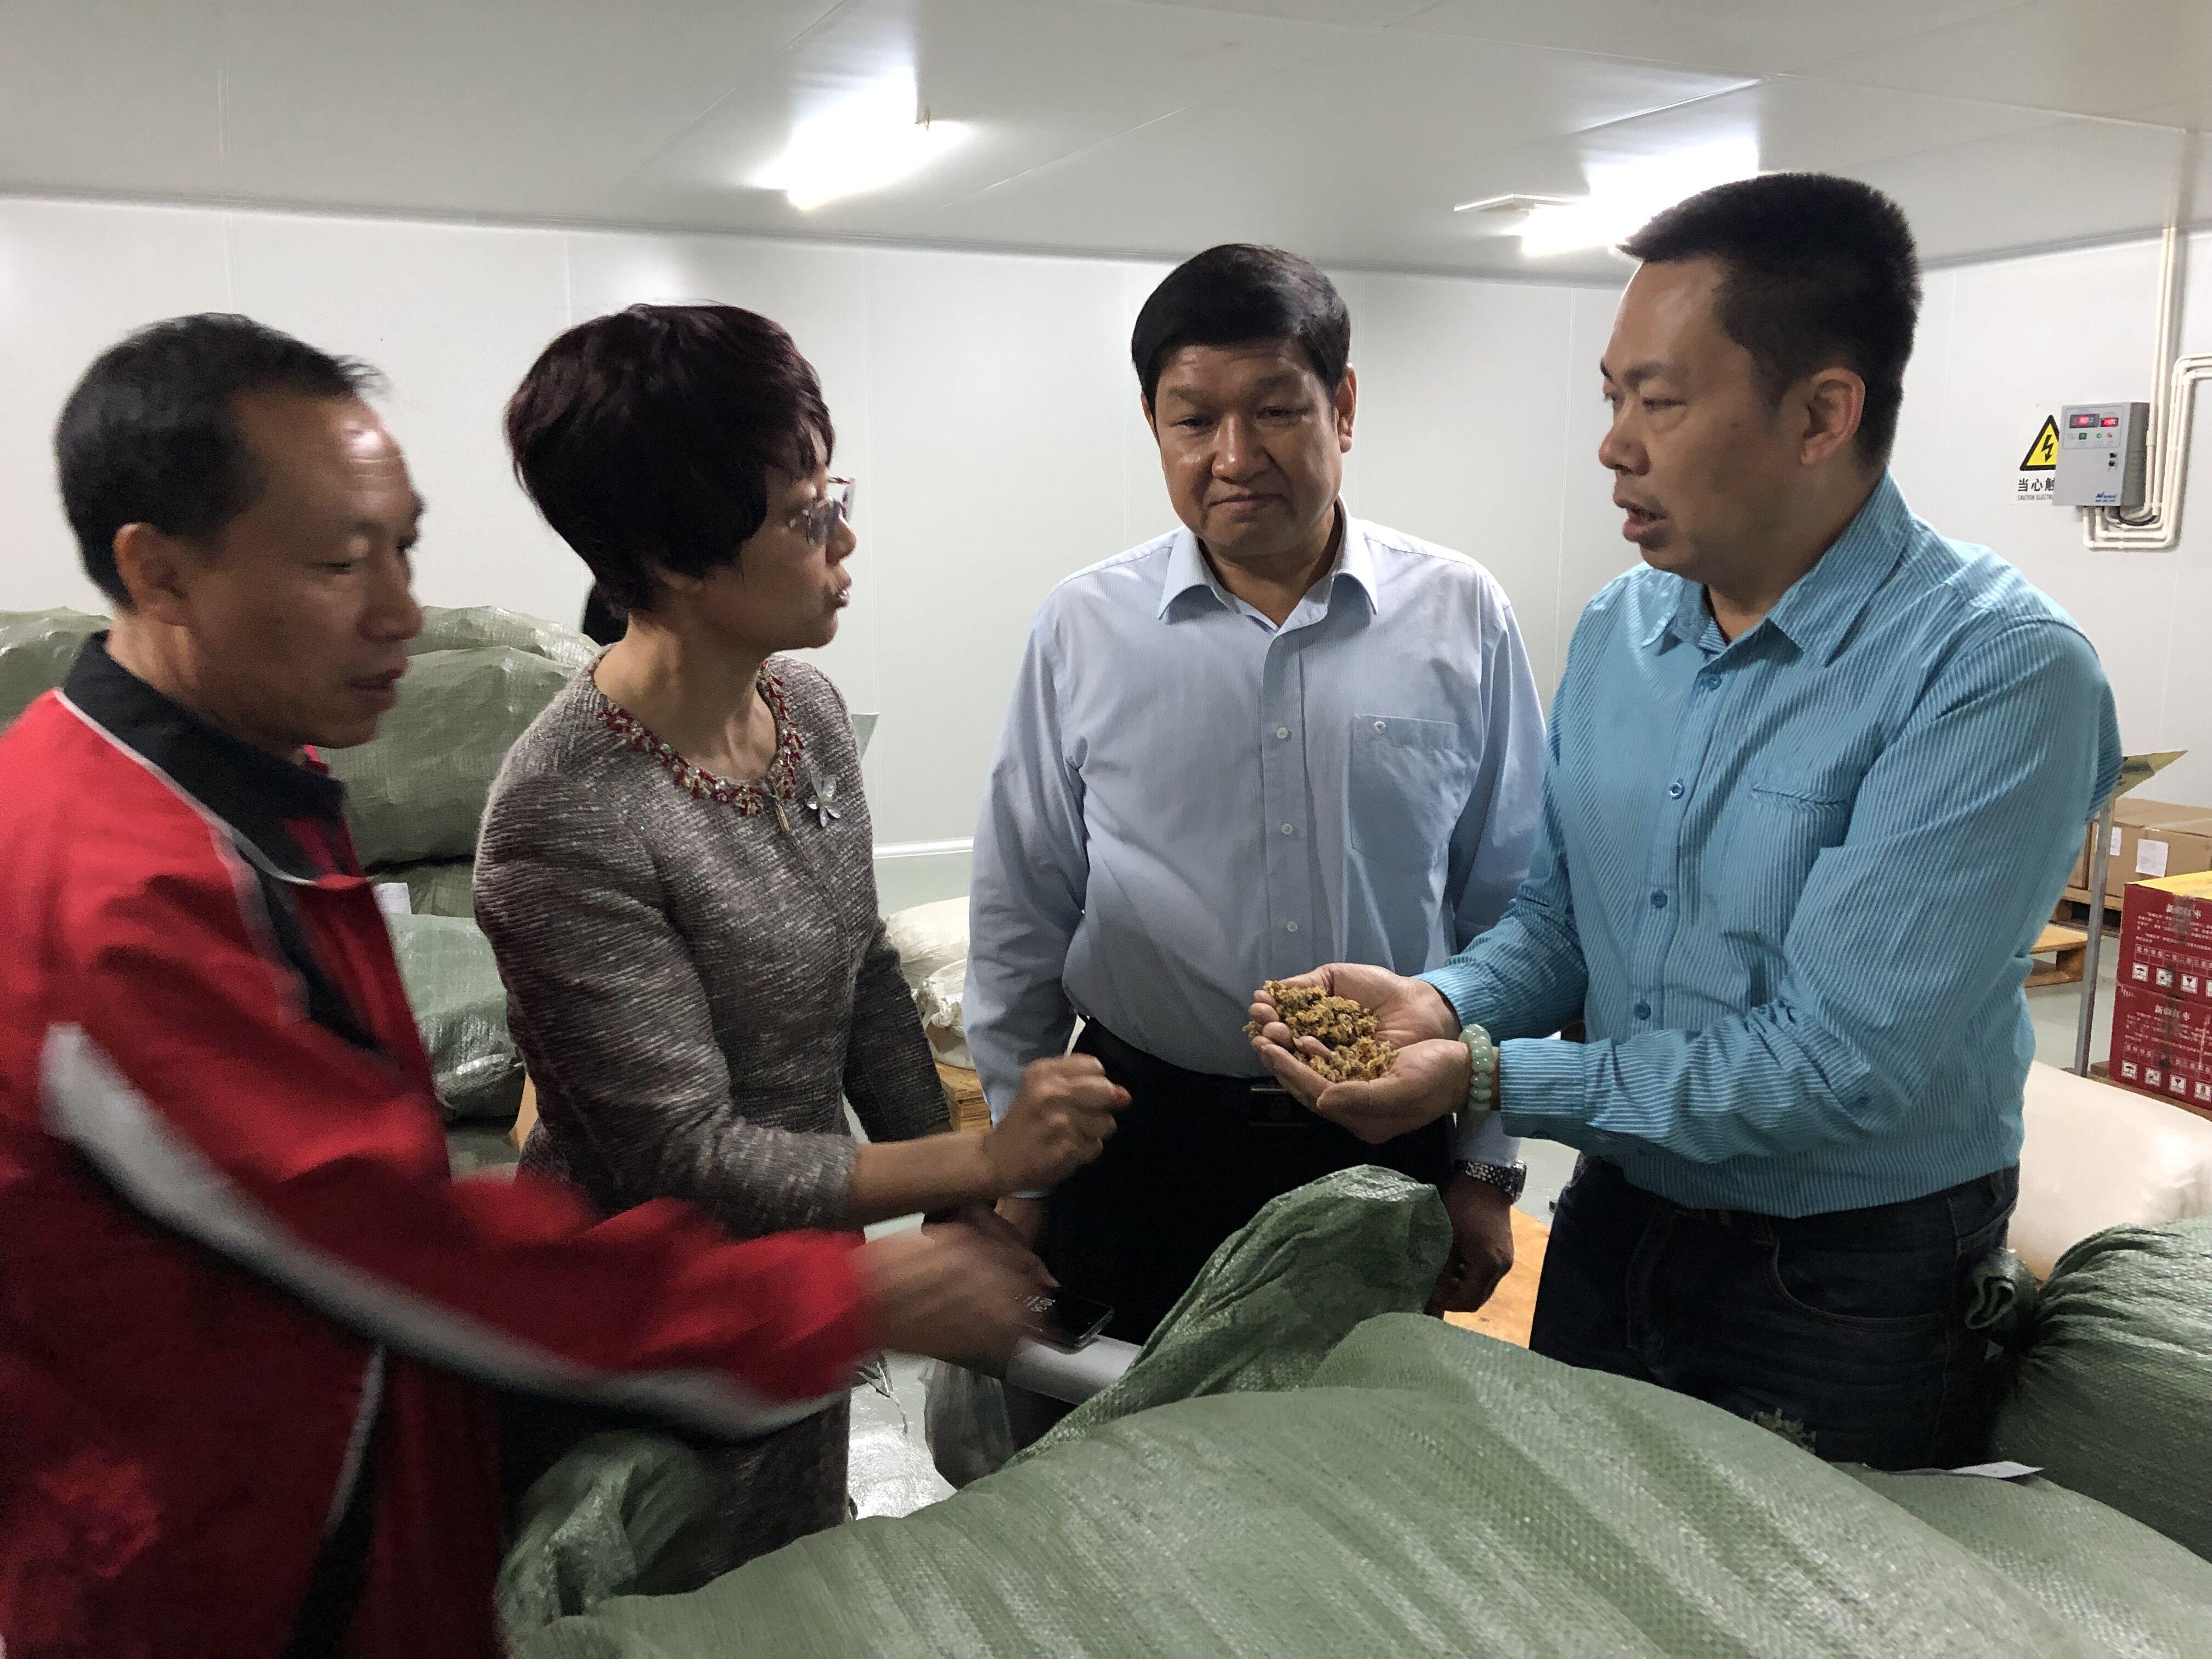 自治区政协领导开展民族贸易和民品企业发展调研5